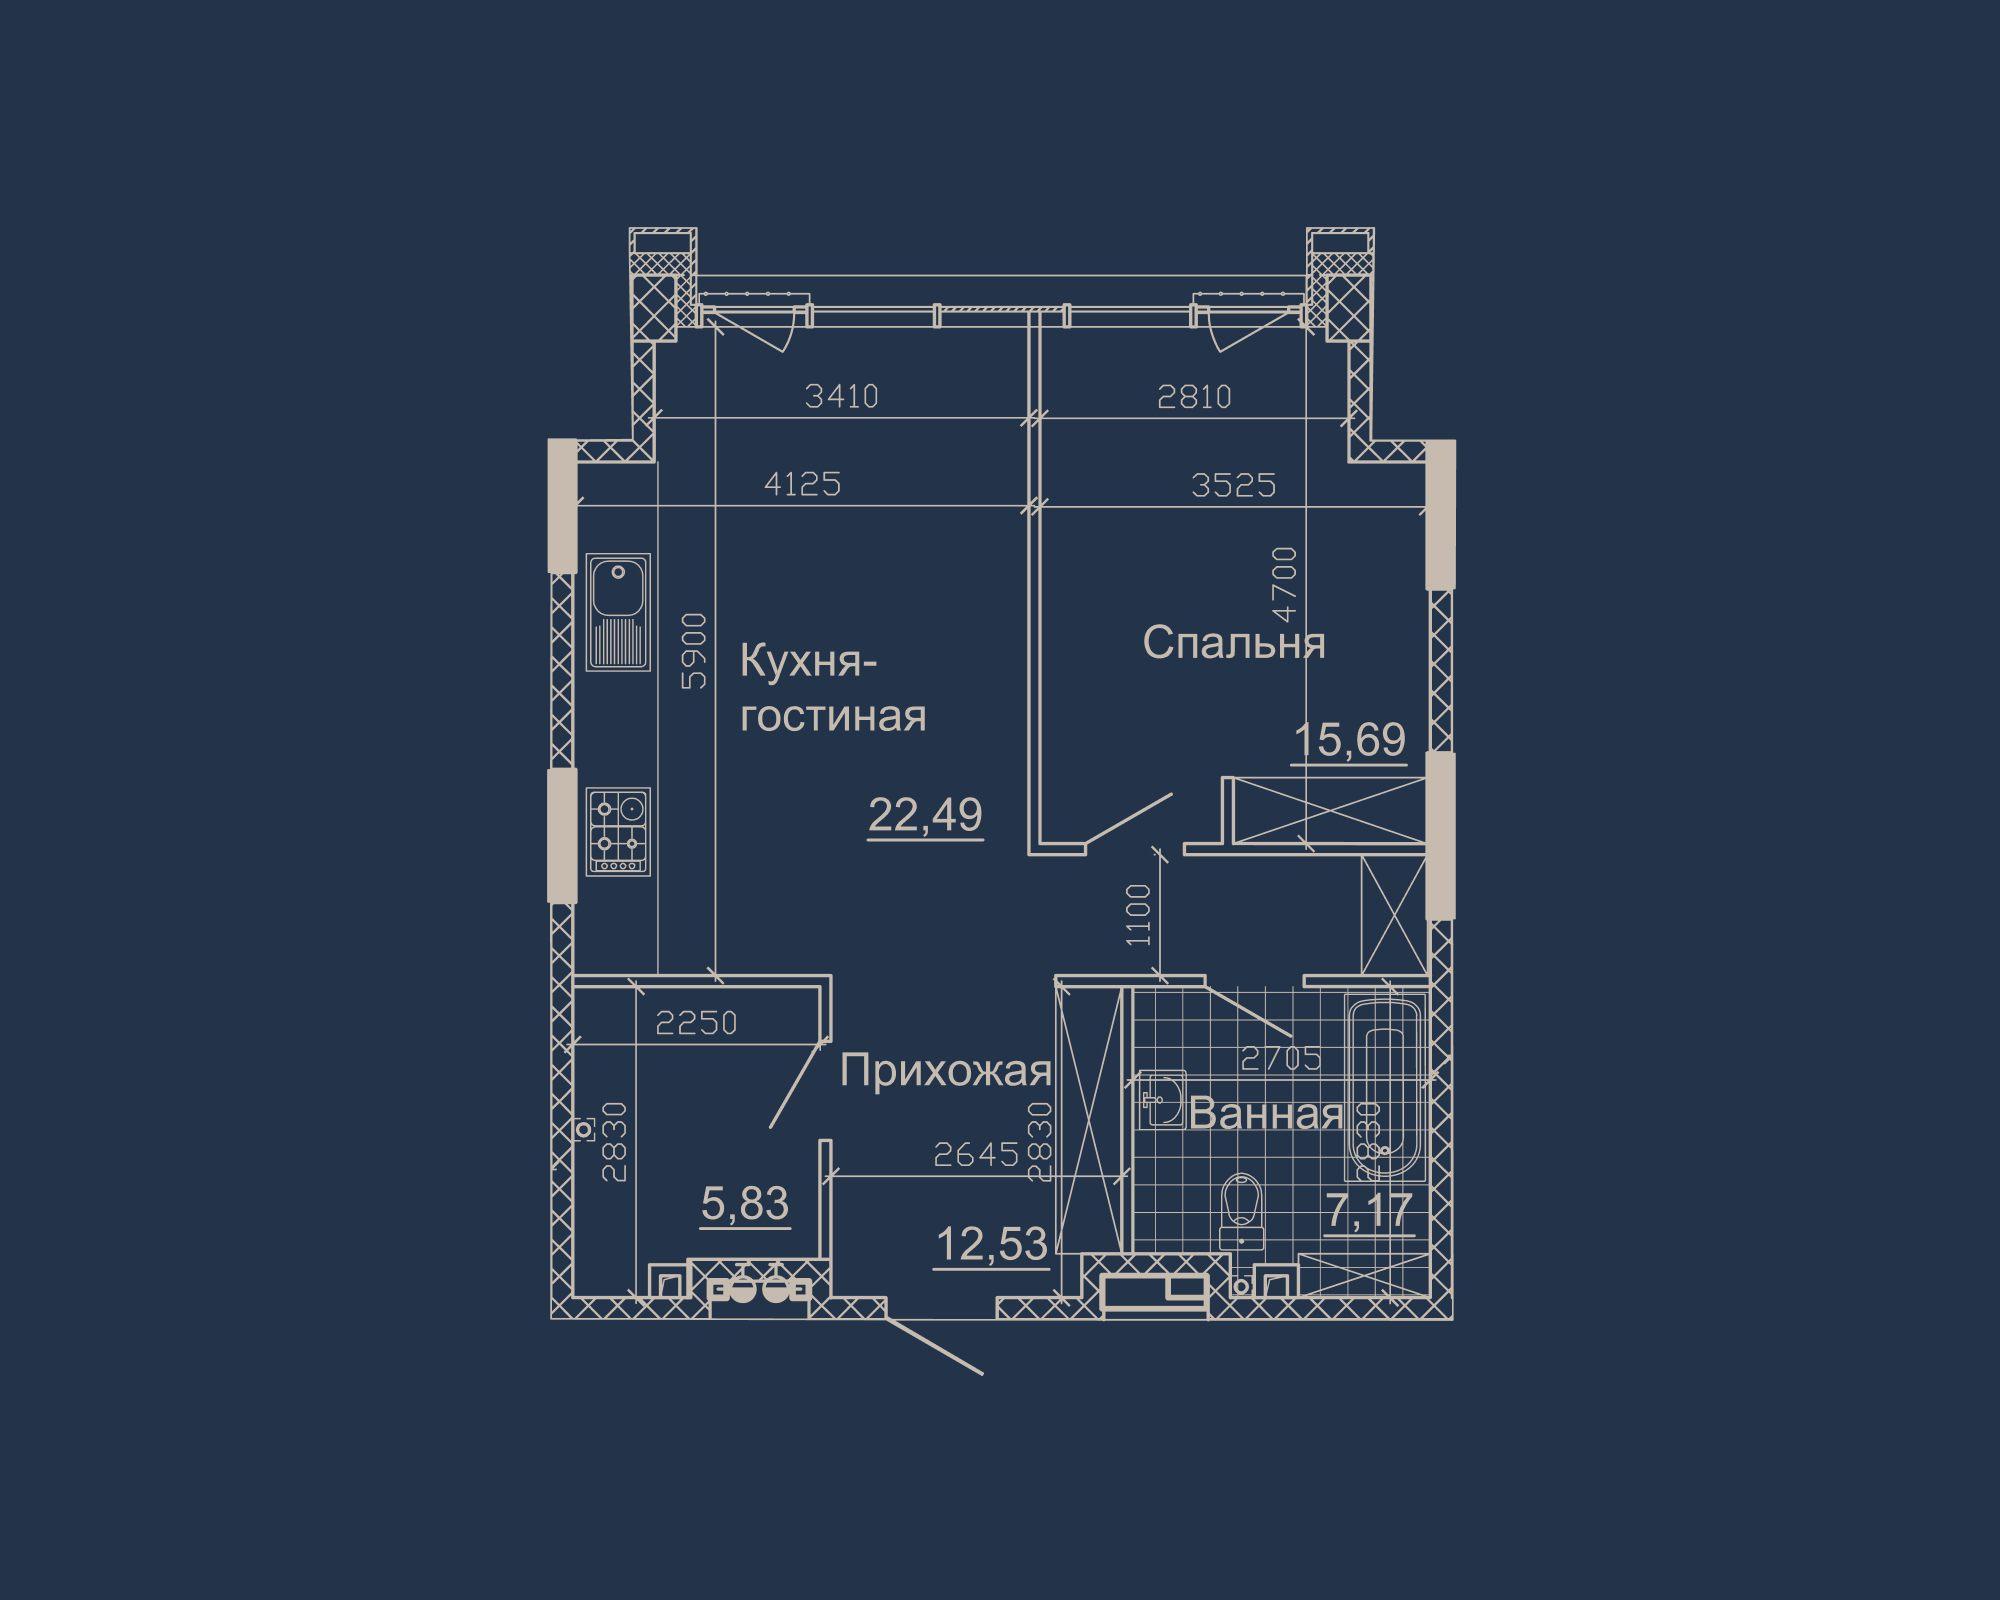 1-кімнатна квартира типу 05Б у ЖК Nebo